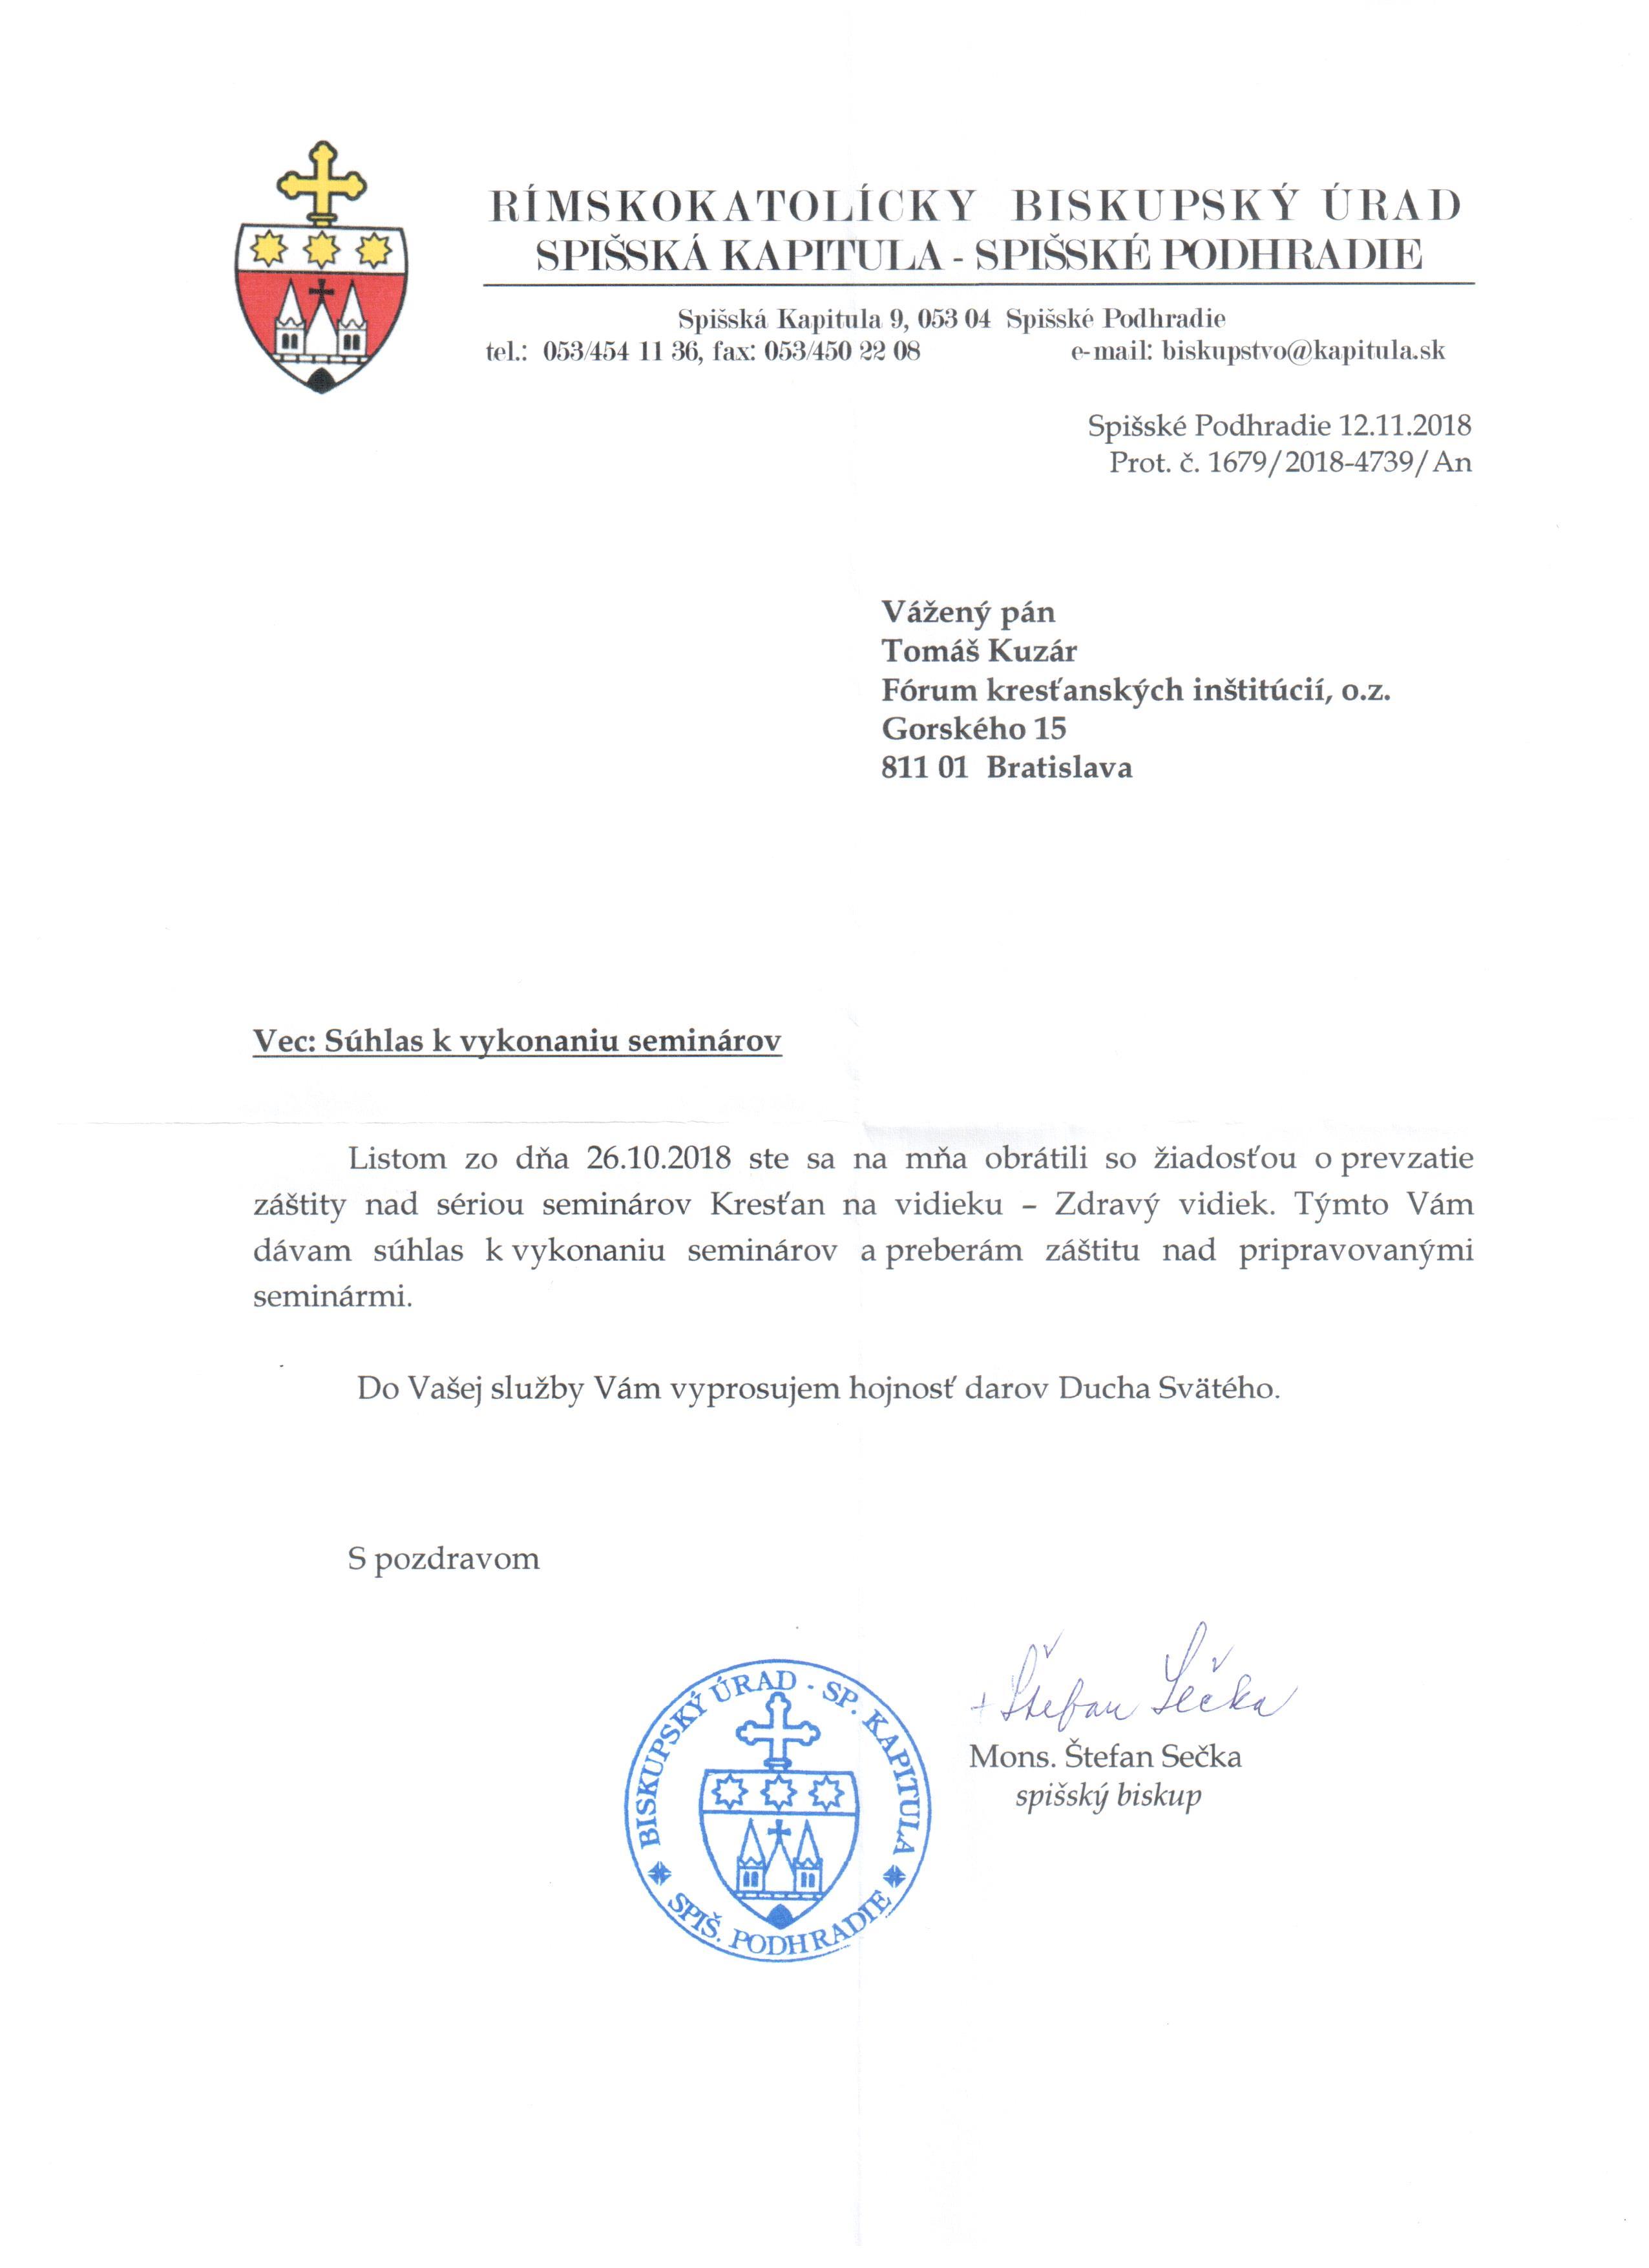 Otec biskup Štefan Sečka prebral záštitu nad seminármi Kresťan na vidieku